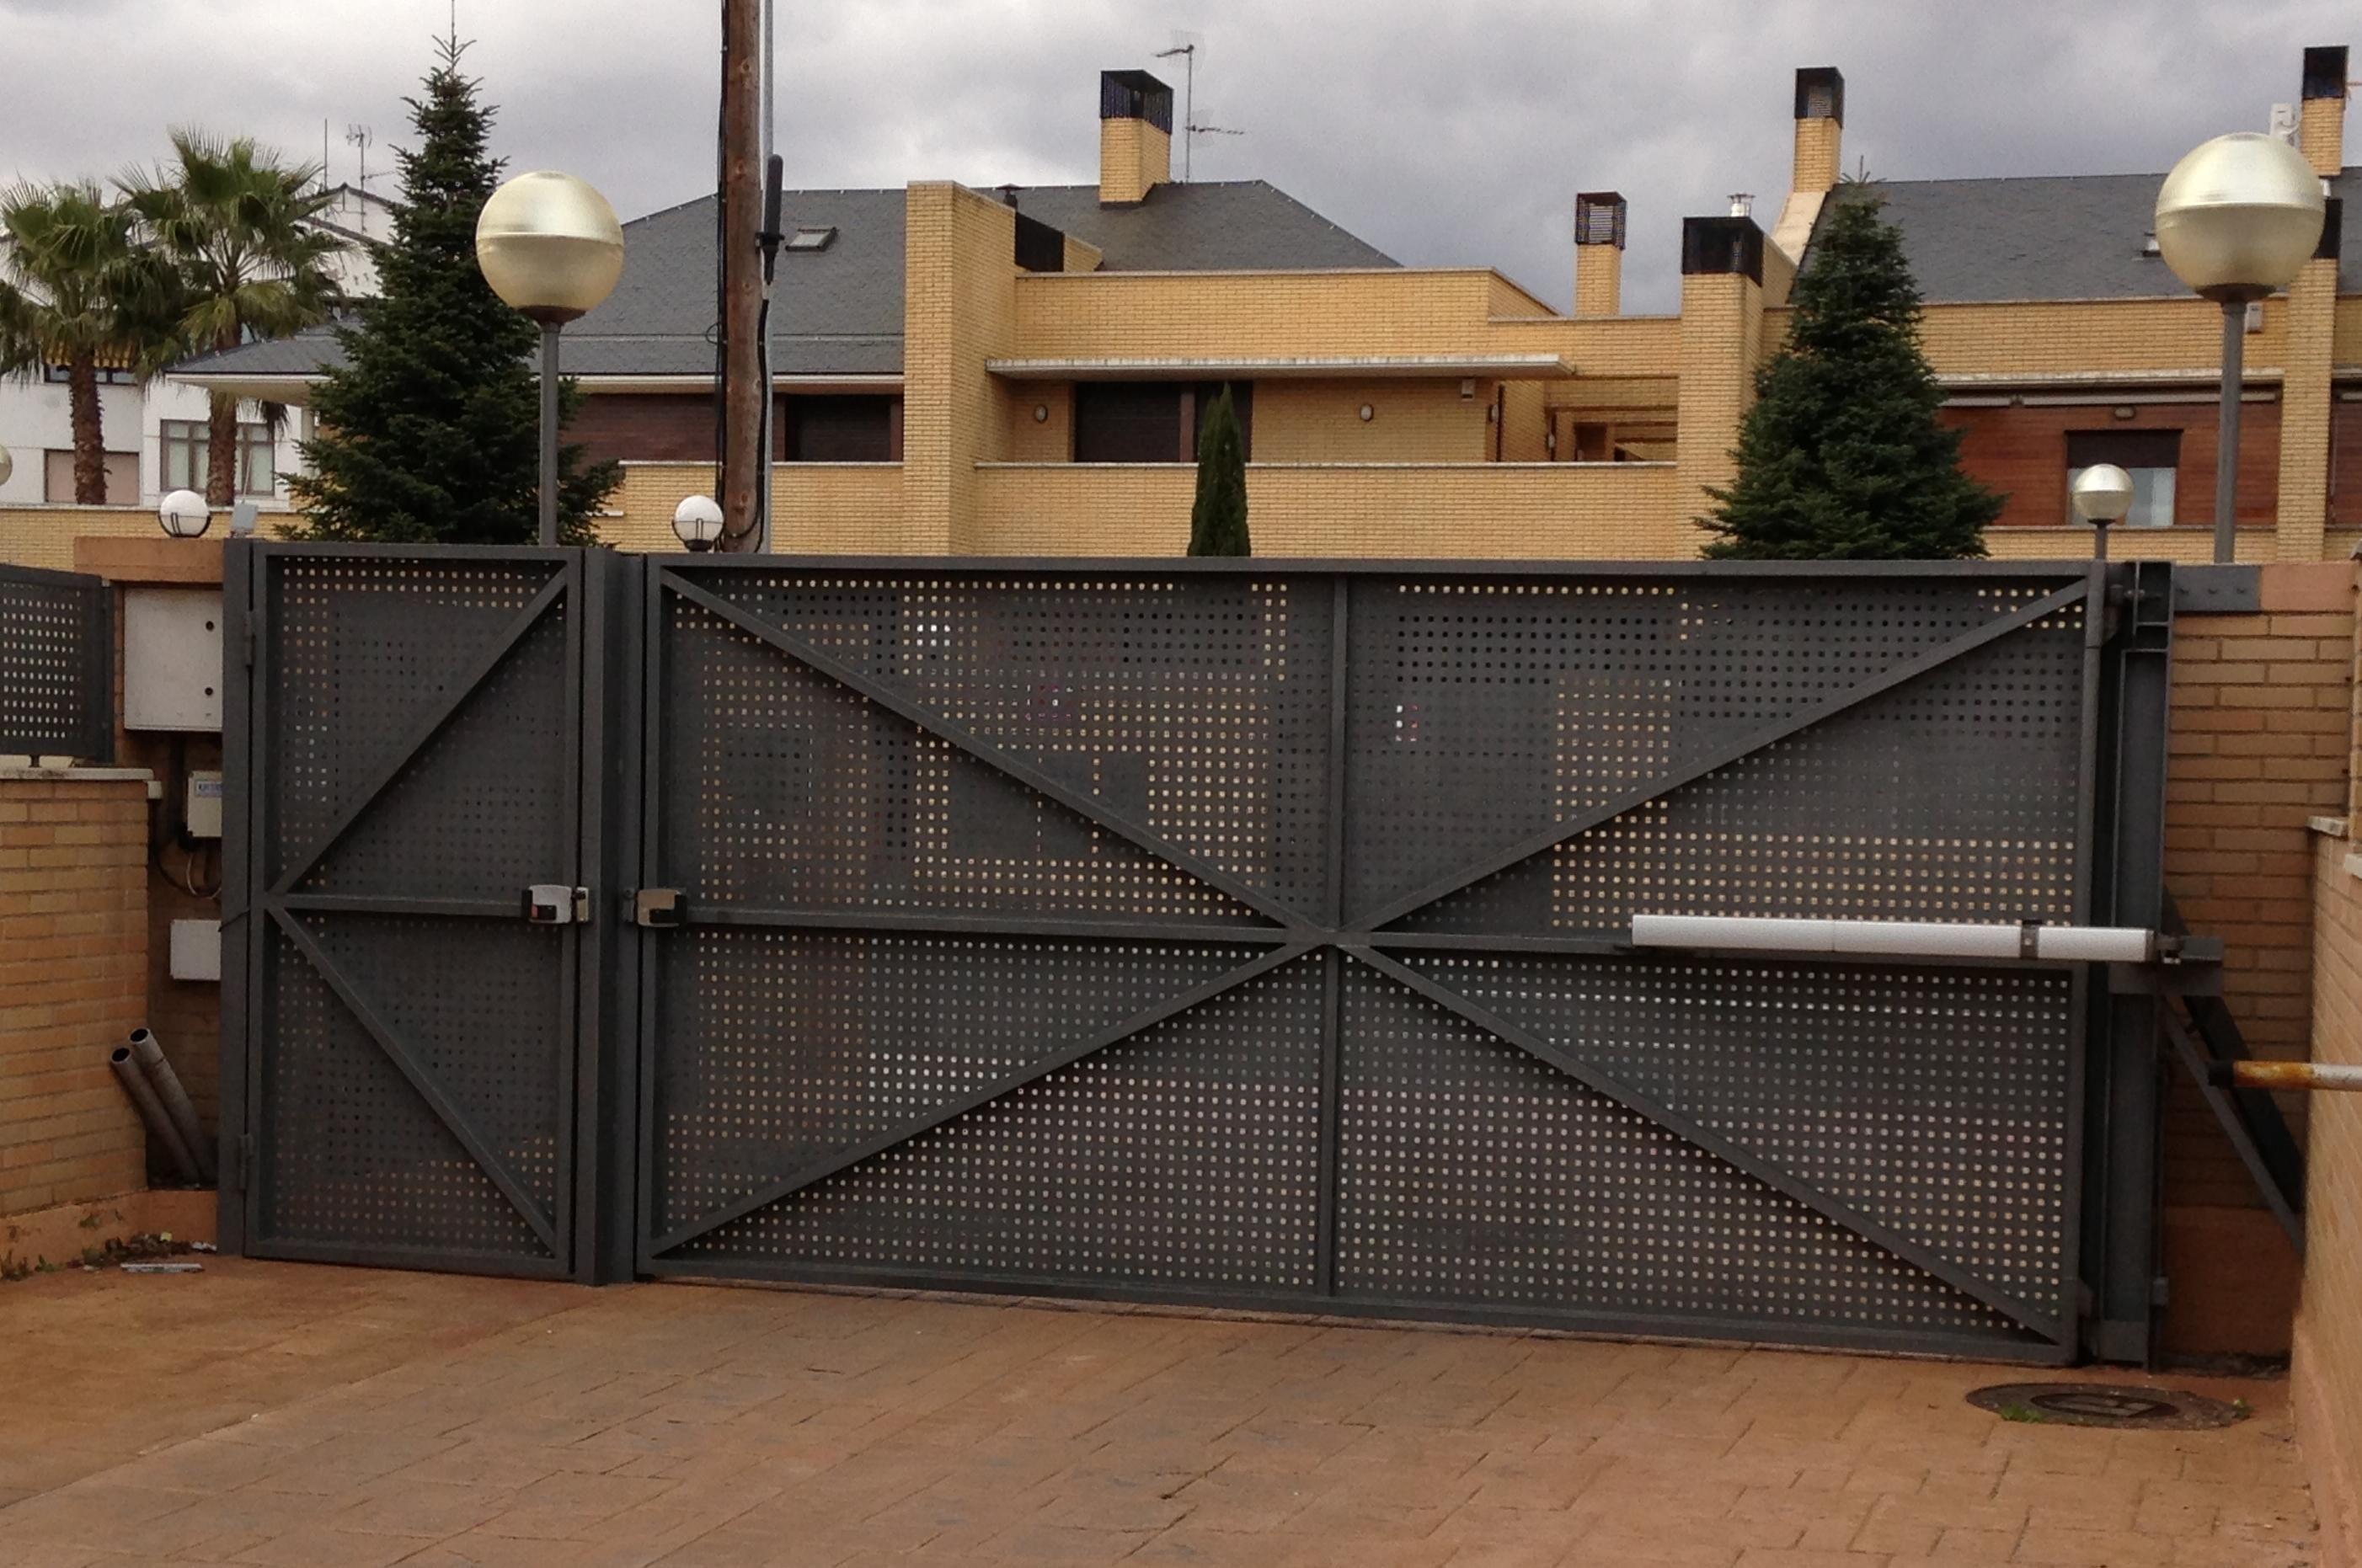 Las puertas autom ticas en logro o para su negocio las for Puerta corredera de taller